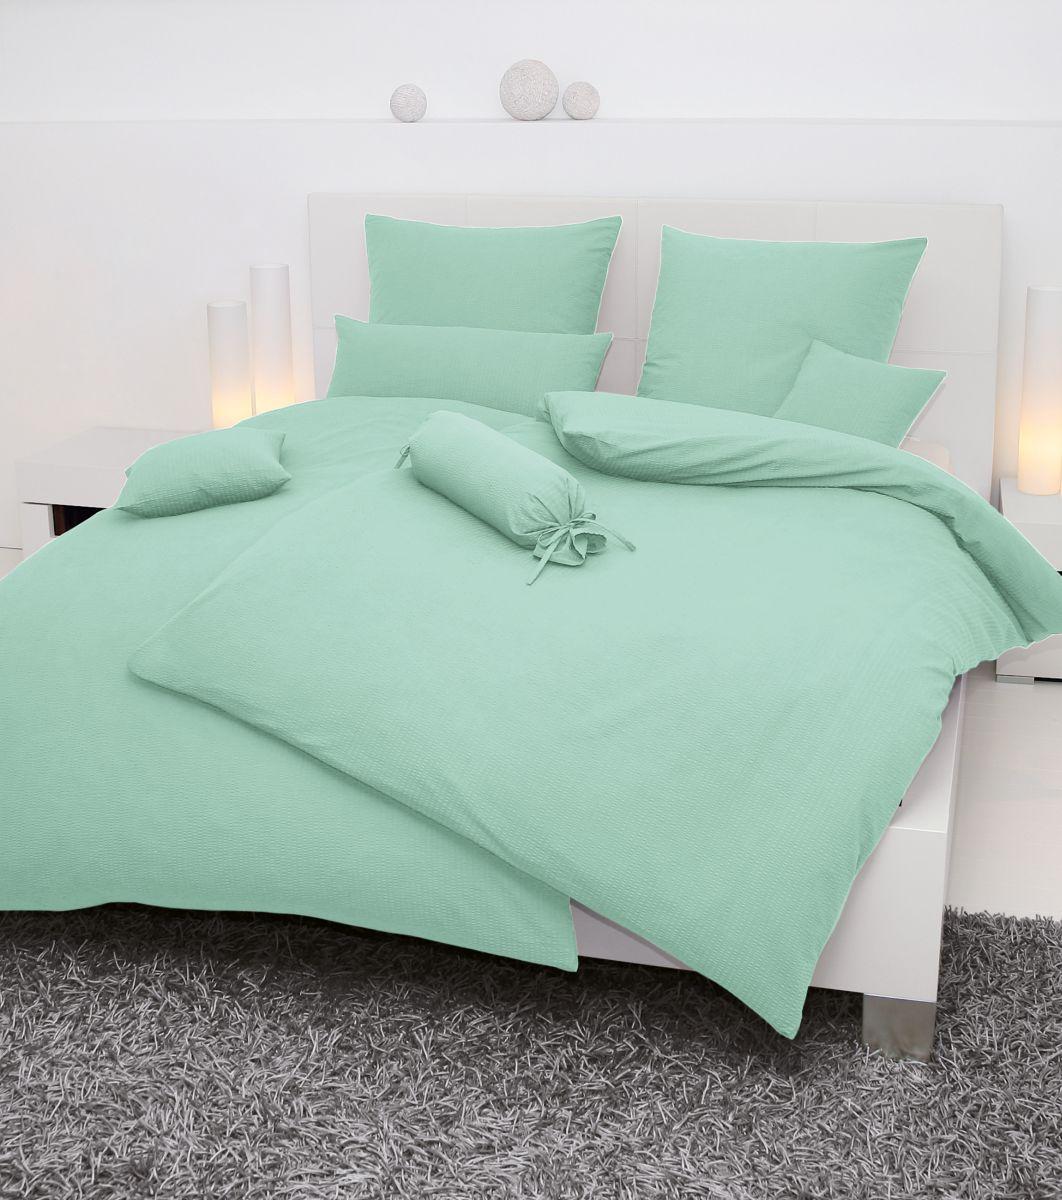 hochwertige tapeten und stoffe mako soft seersucker bettw sche piano 0125 26 decowunder. Black Bedroom Furniture Sets. Home Design Ideas